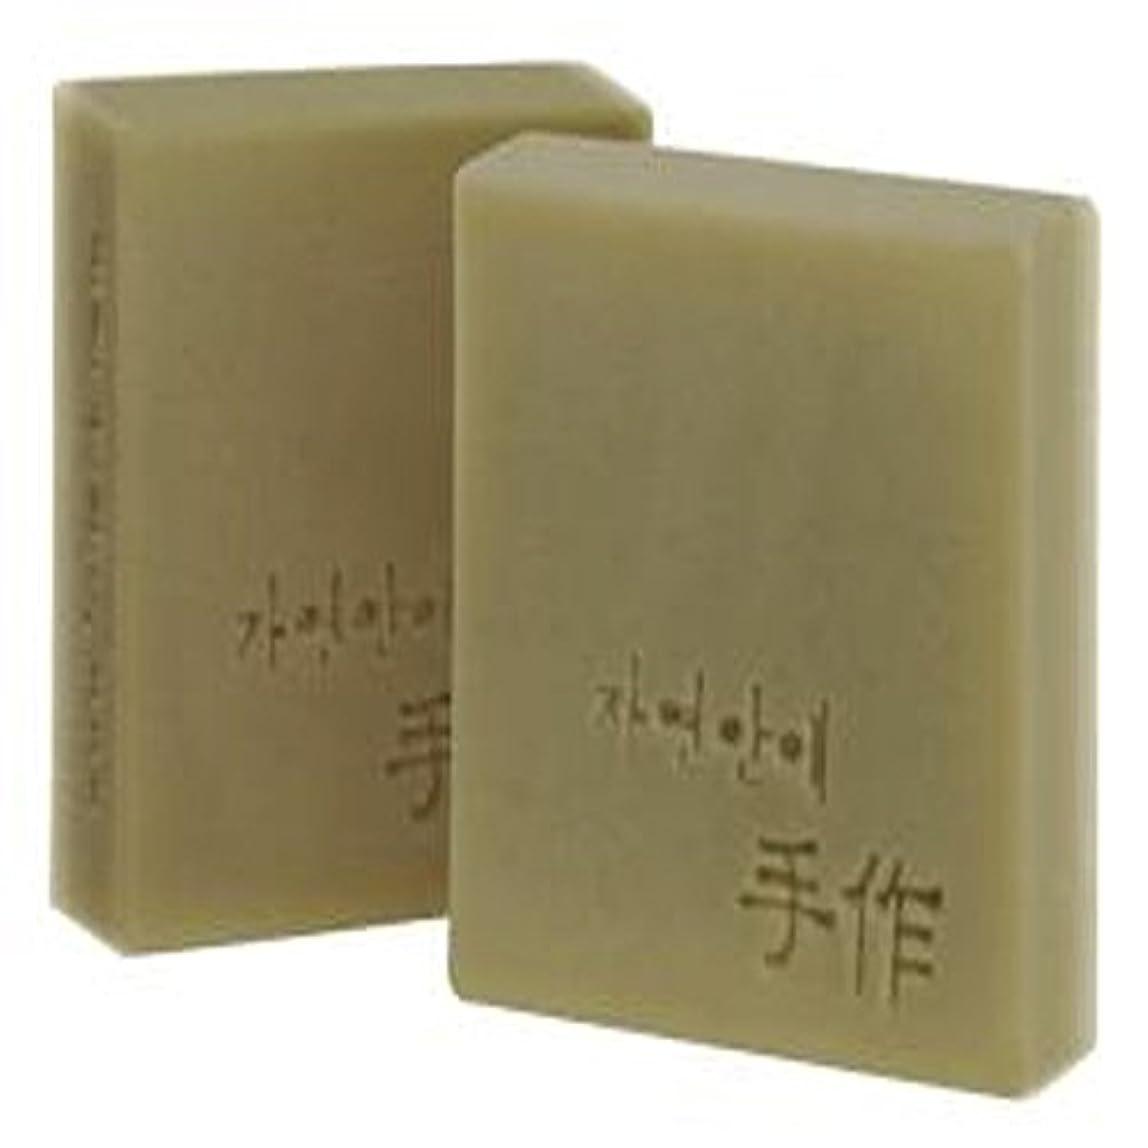 豆腐ピンチNatural organic 有機天然ソープ 固形 無添加 洗顔せっけんクレンジング 石鹸 [並行輸入品] (アプリコット)